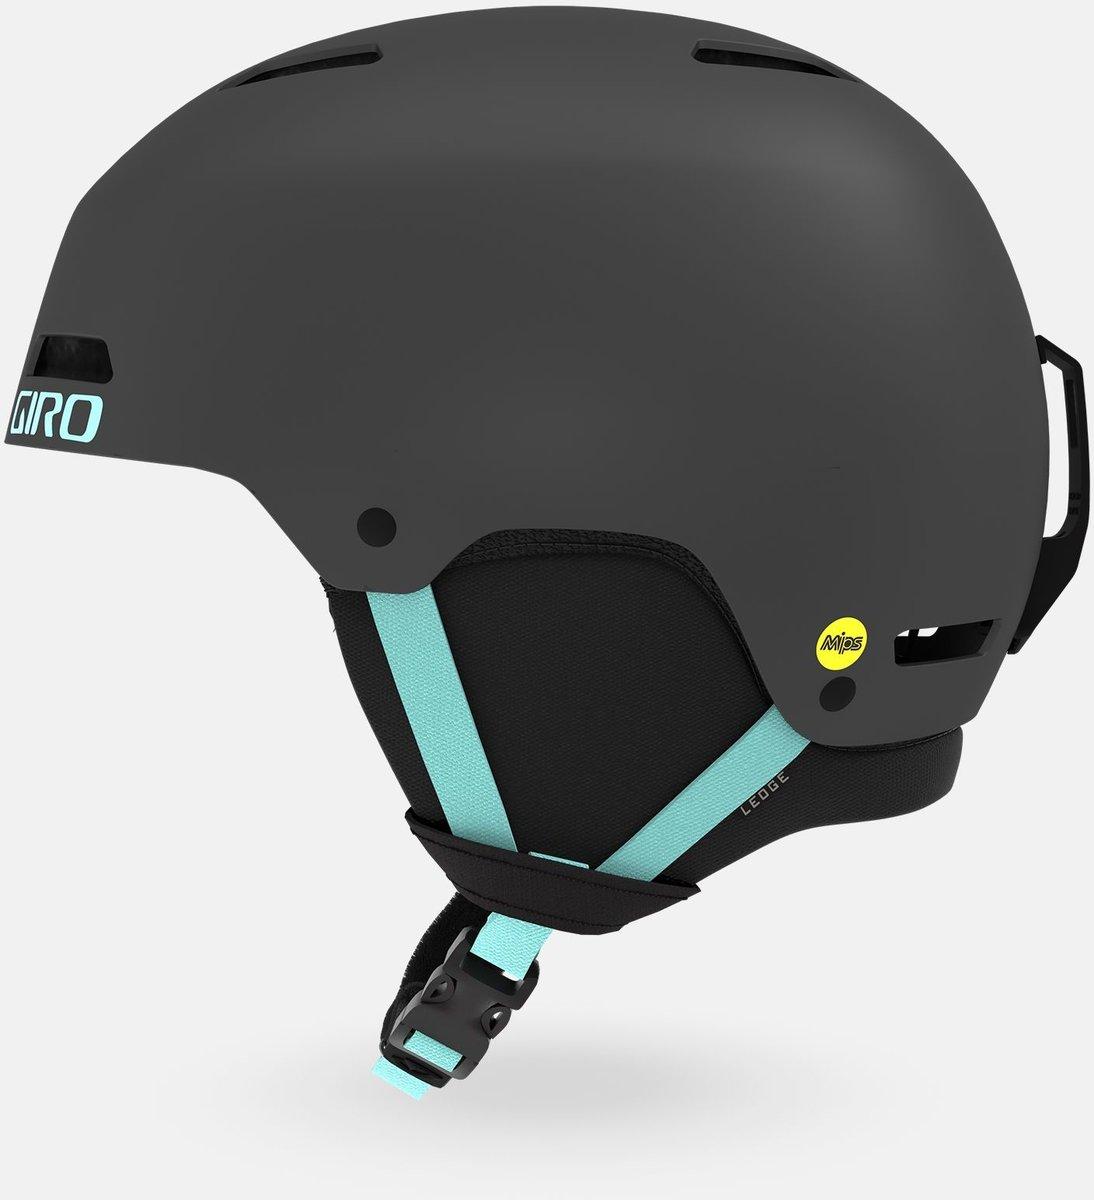 Ski Helmet Matt Graphite Giro Ledge FS Snowboard